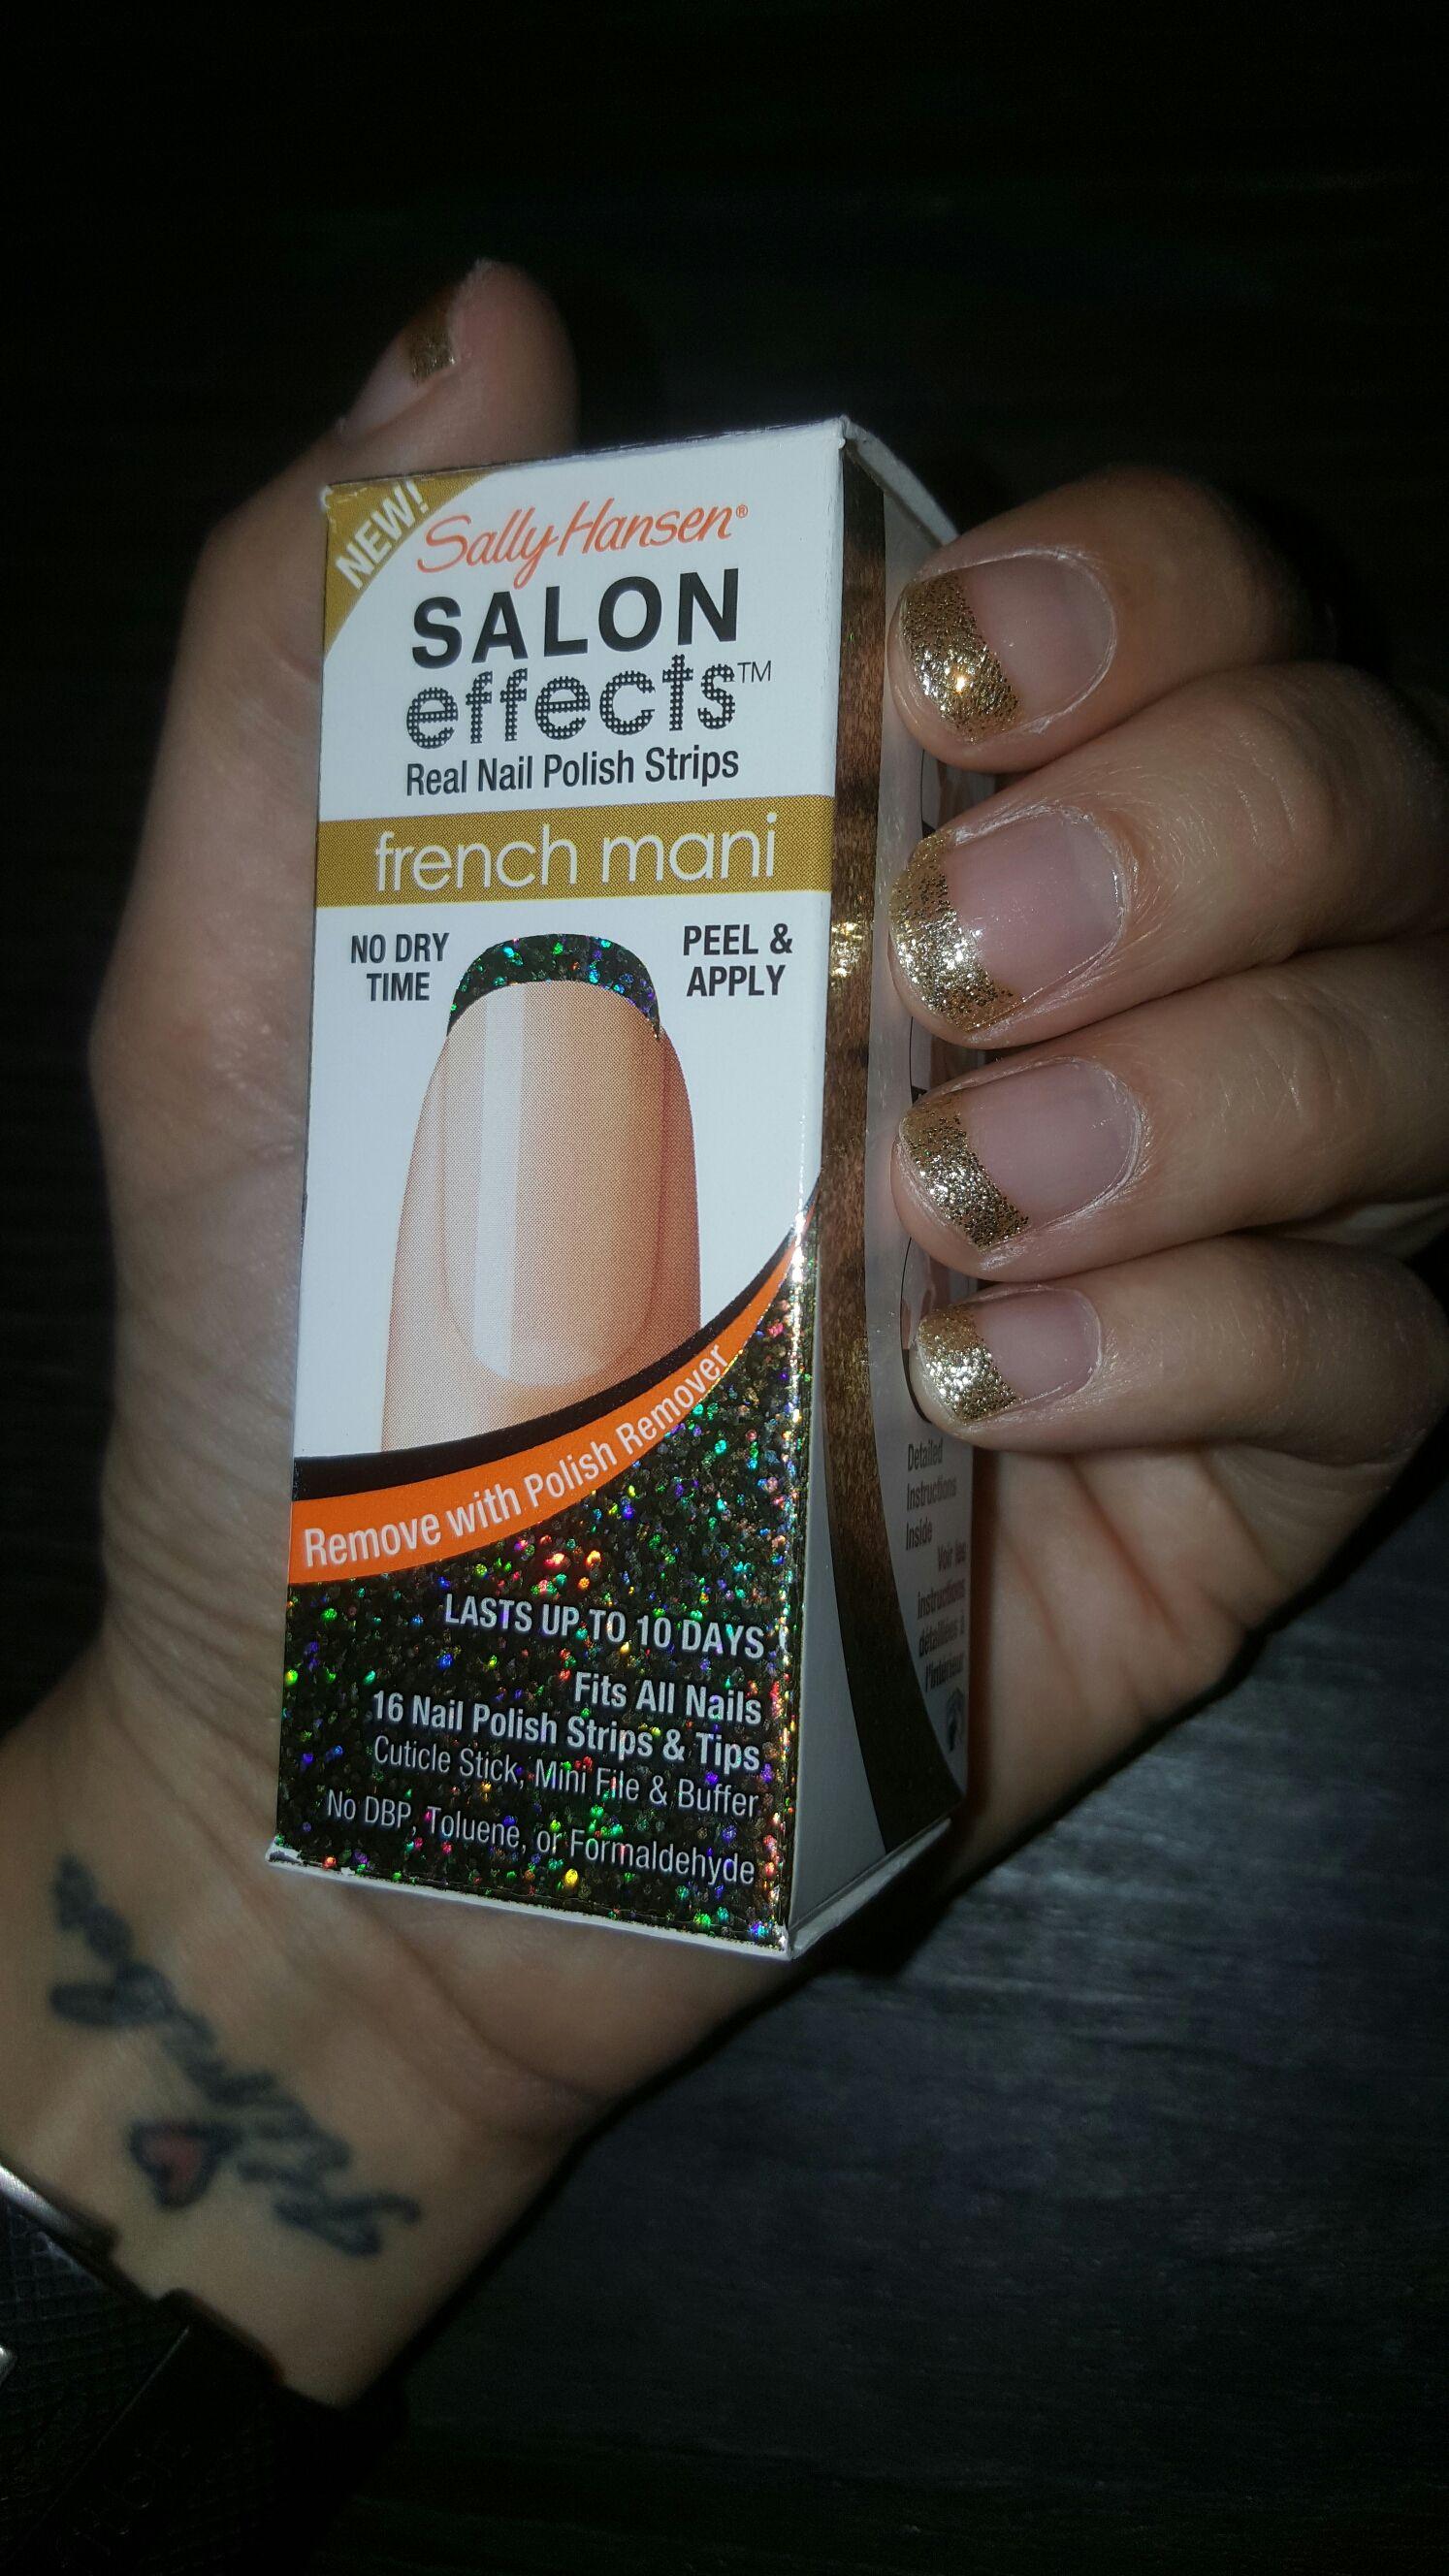 Sally Hansen Salon Effects Gold Cabaret French Mani Nail Polish ...